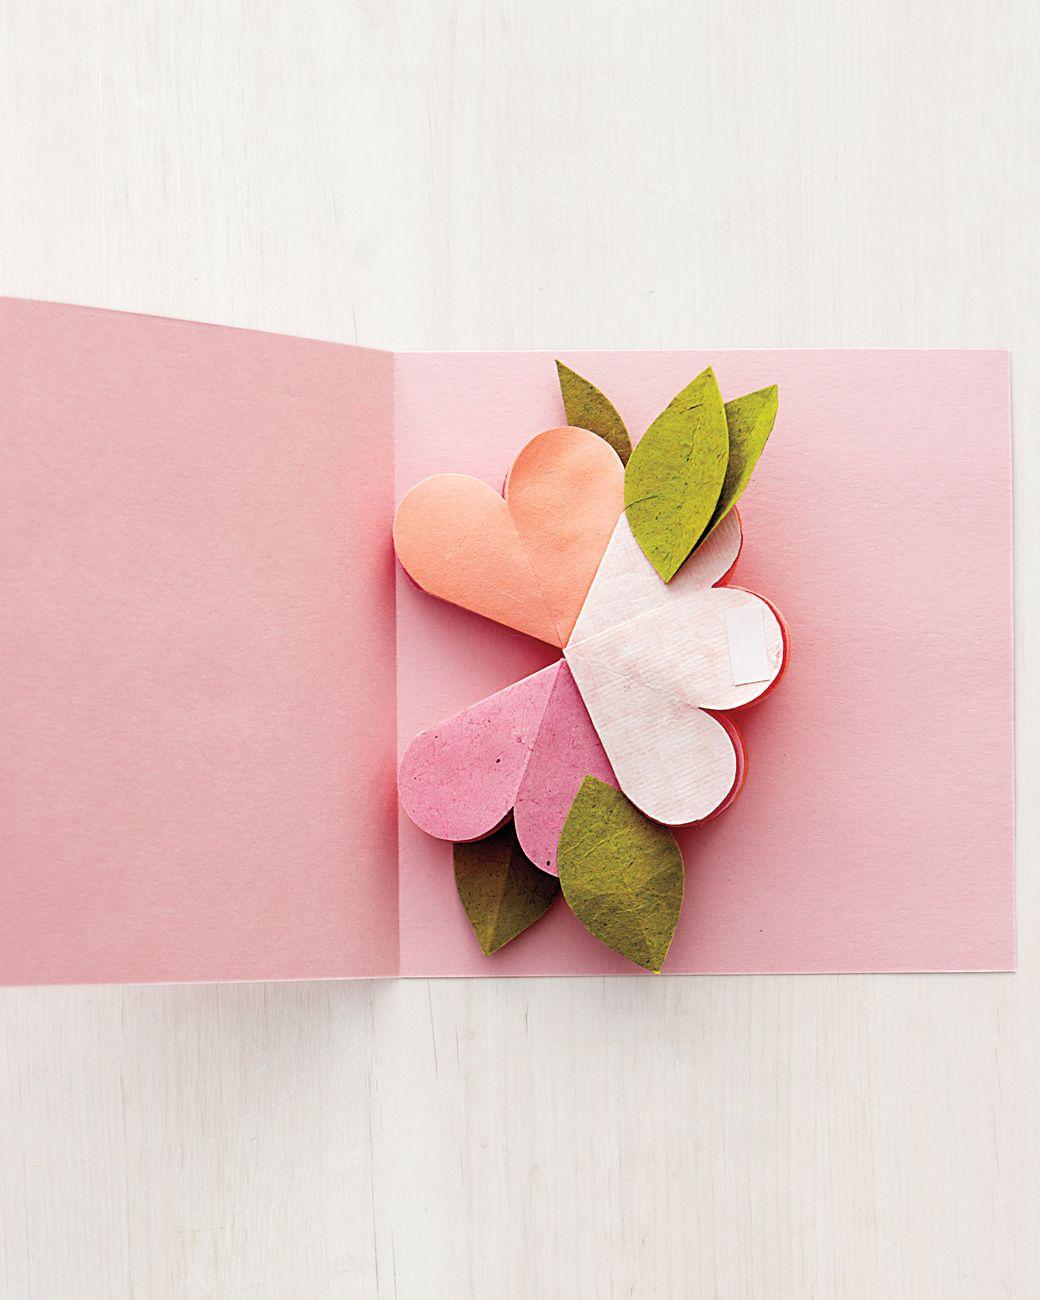 Цветы 3 д открытки своими руками на день, ненавистью надписью